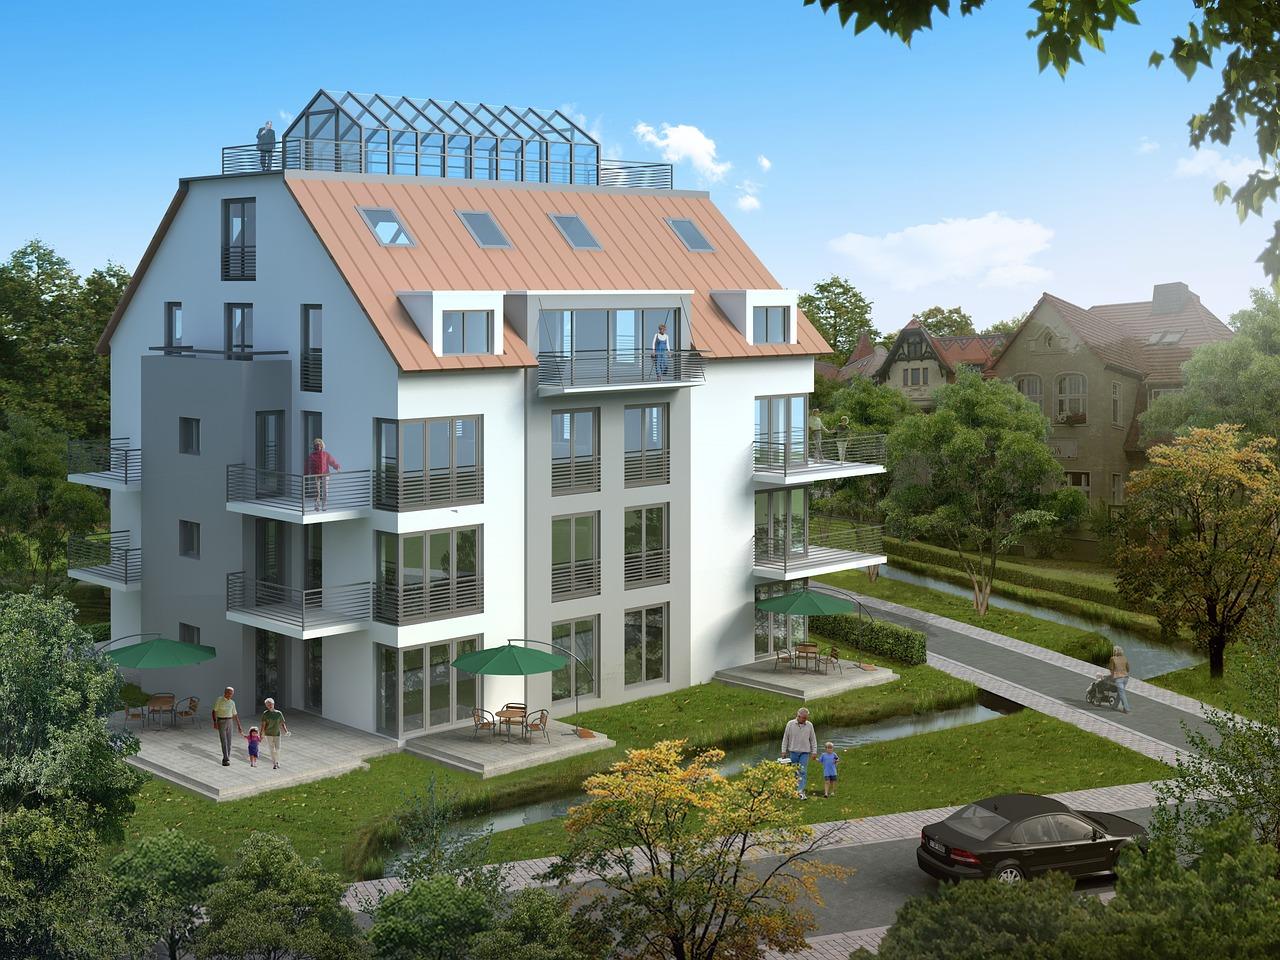 Haus Mehrfamilienhaus Neubau Wohnungen